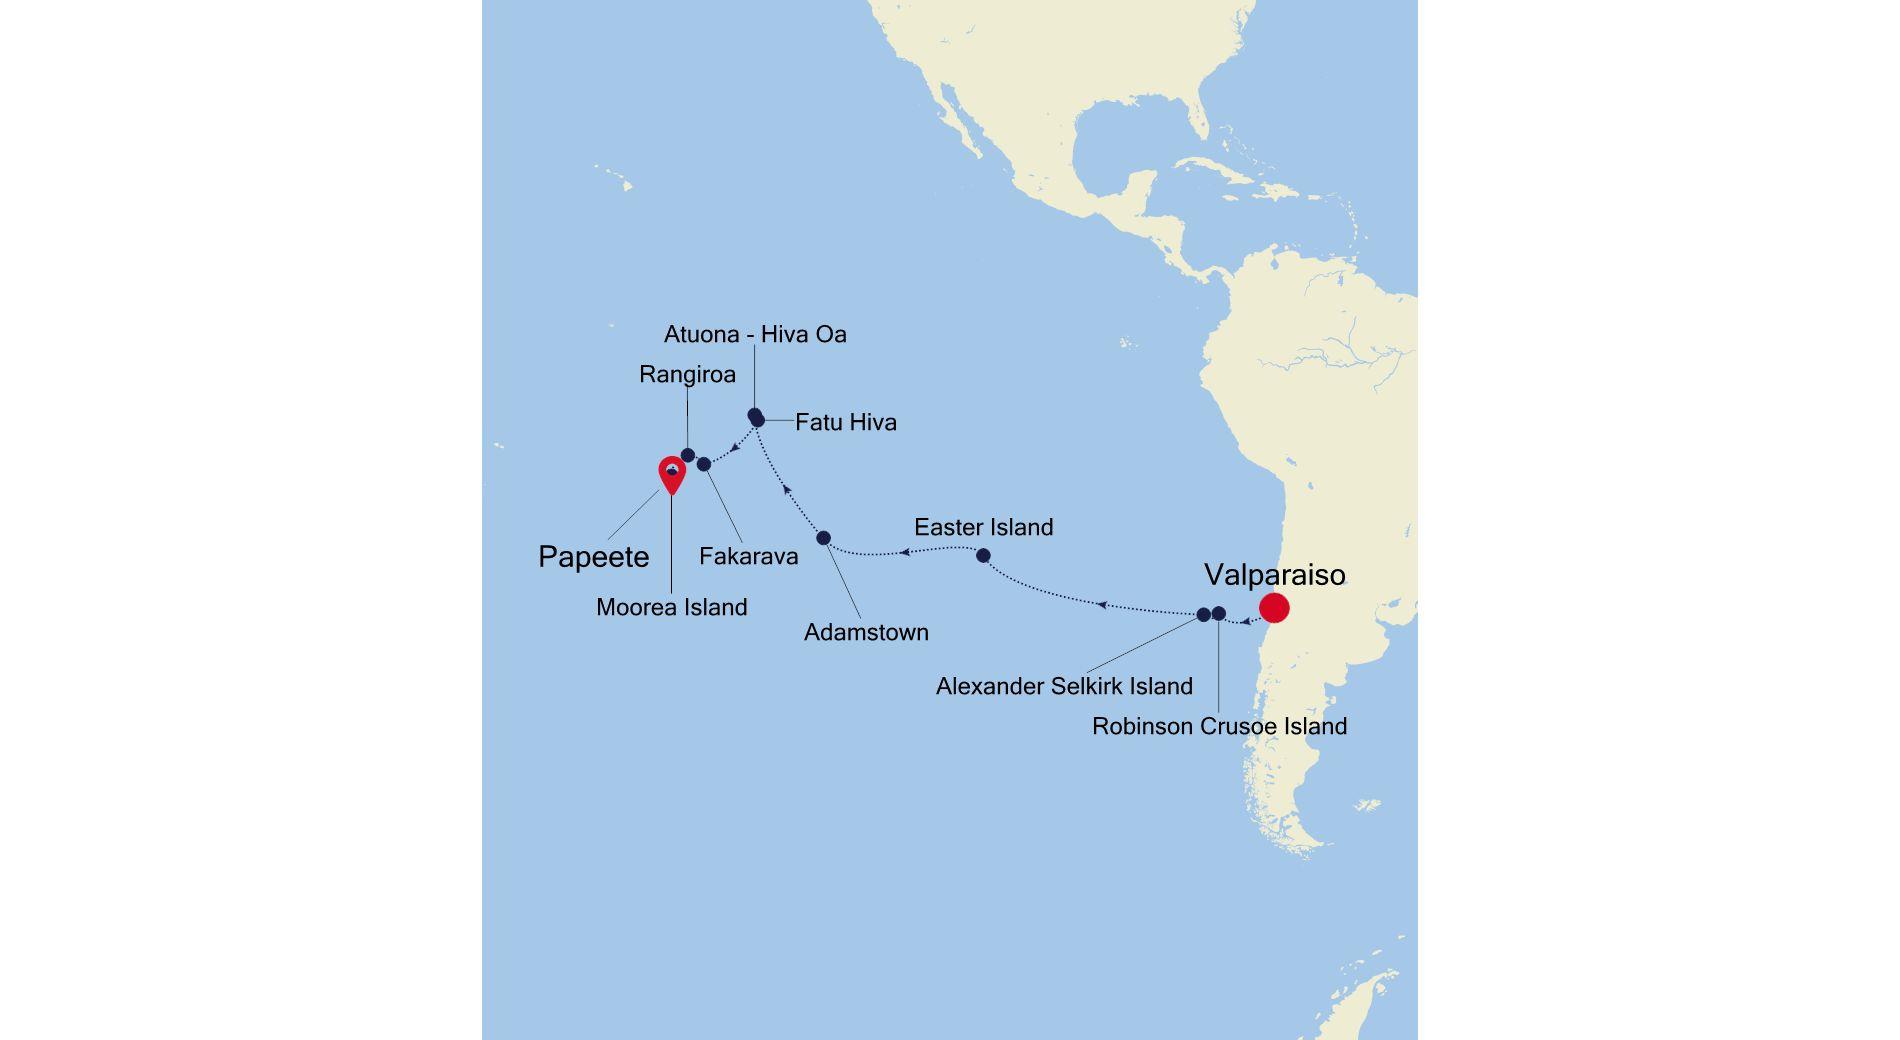 E4210217022 - Valparaiso à Papeete